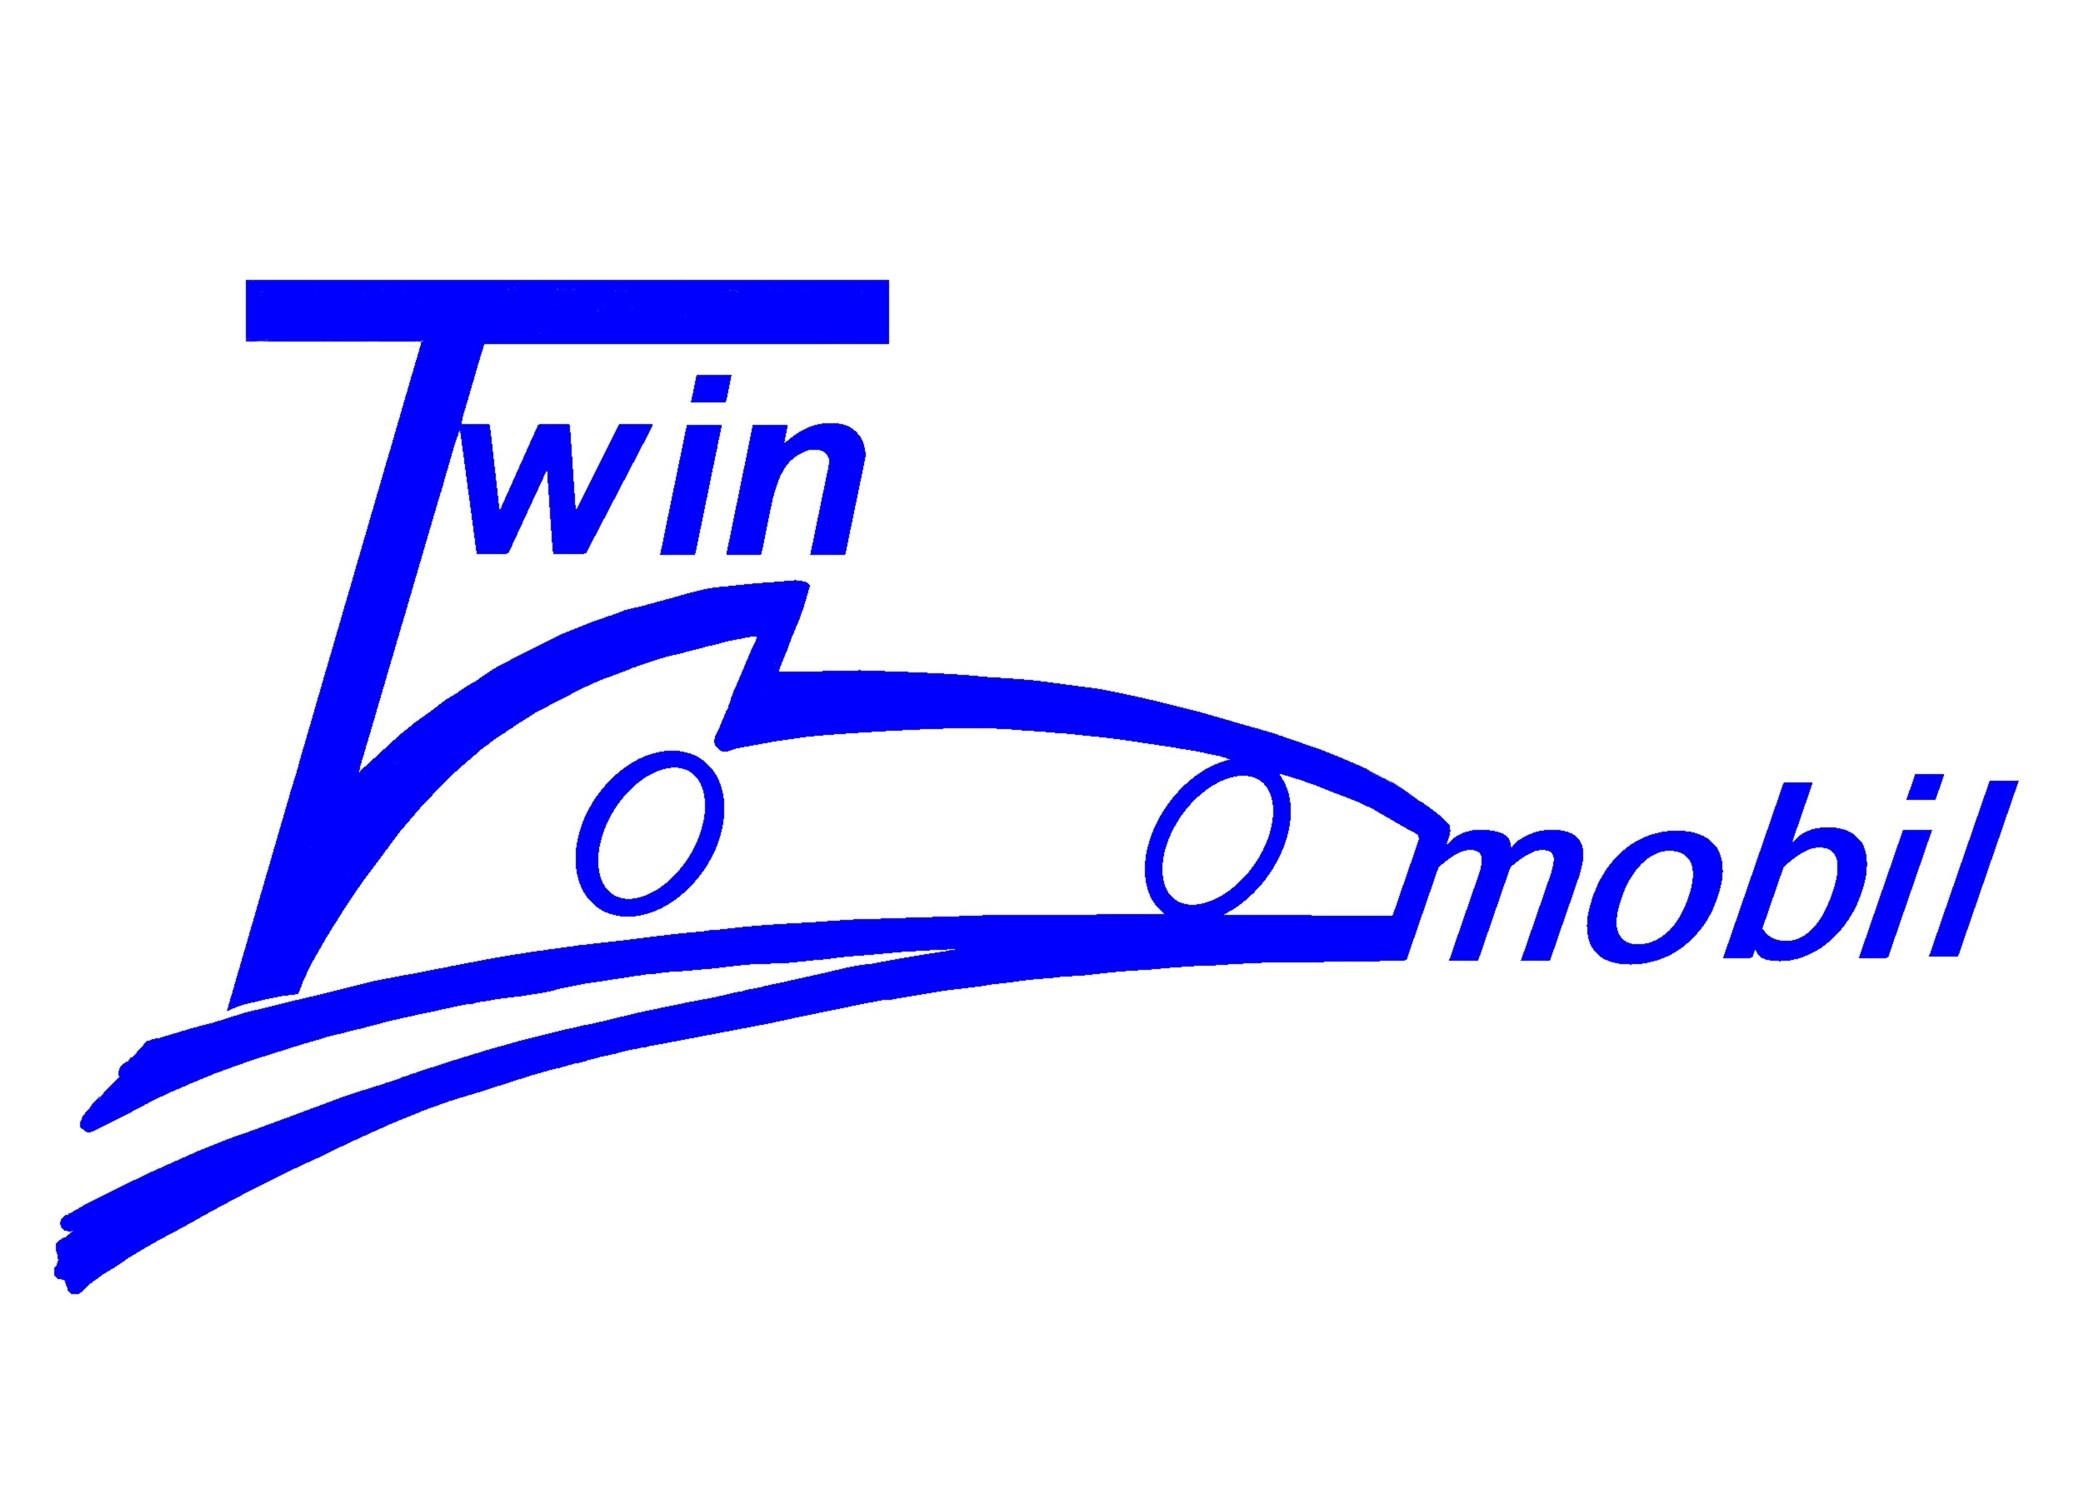 Twintop Markenzeichen - eingetragen beim Patentamt München